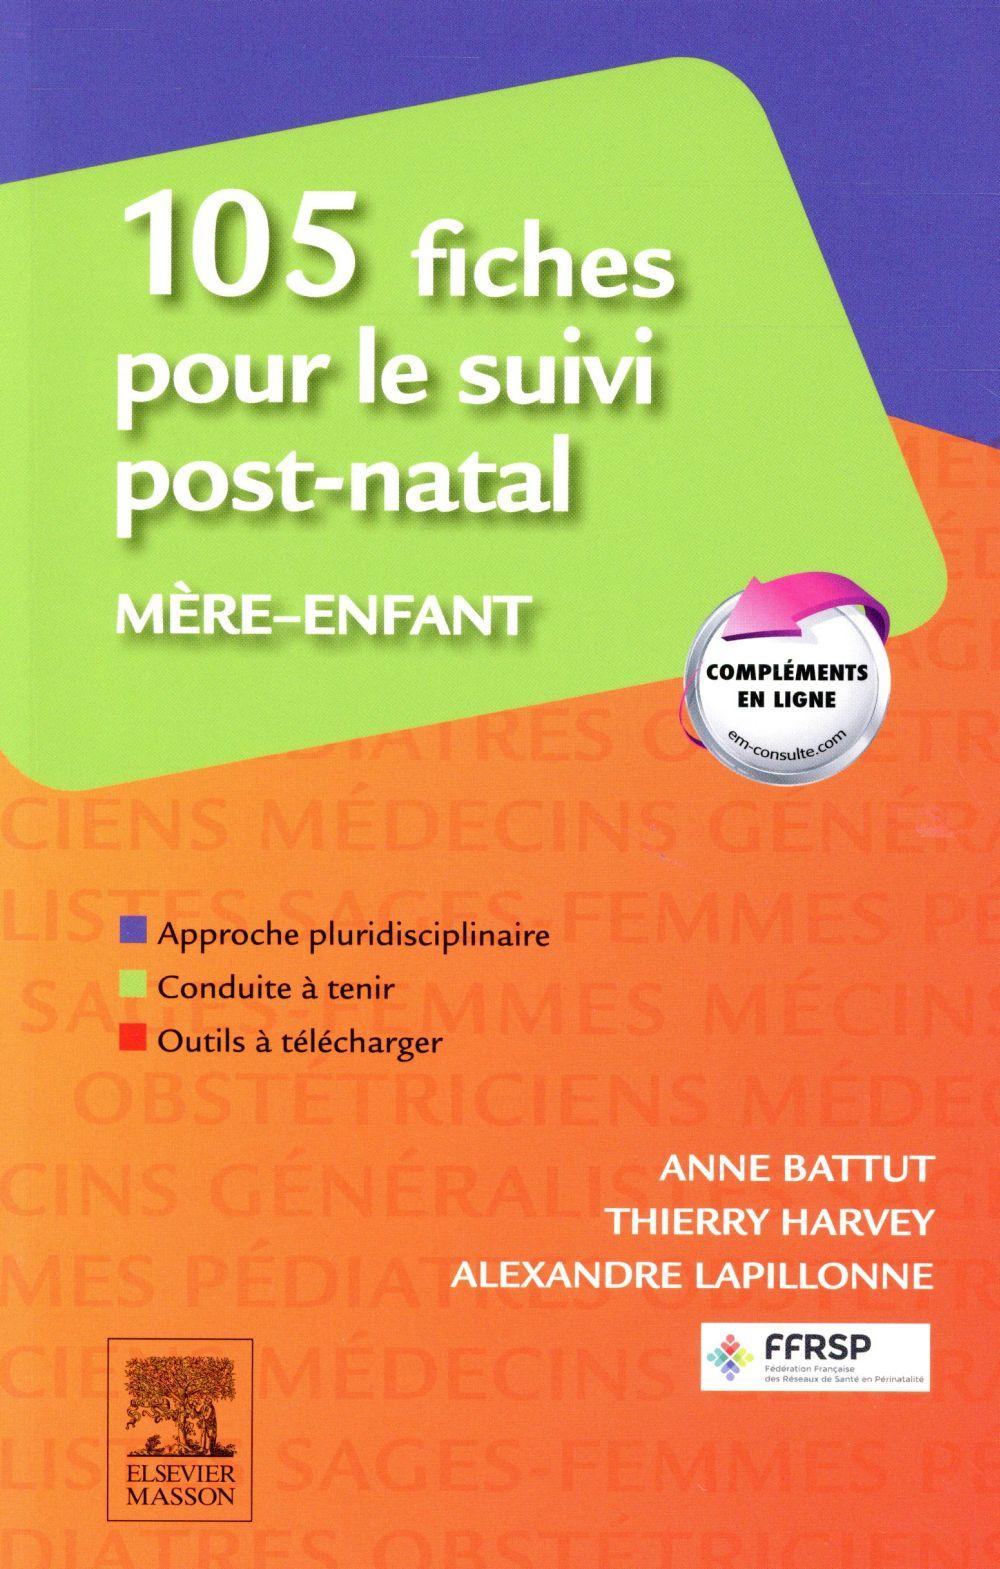 105 FICHES POUR LE SUIVI POST-NATAL  -  MERE-ENFANT BATTUT/HARVEY Elsevier Masson